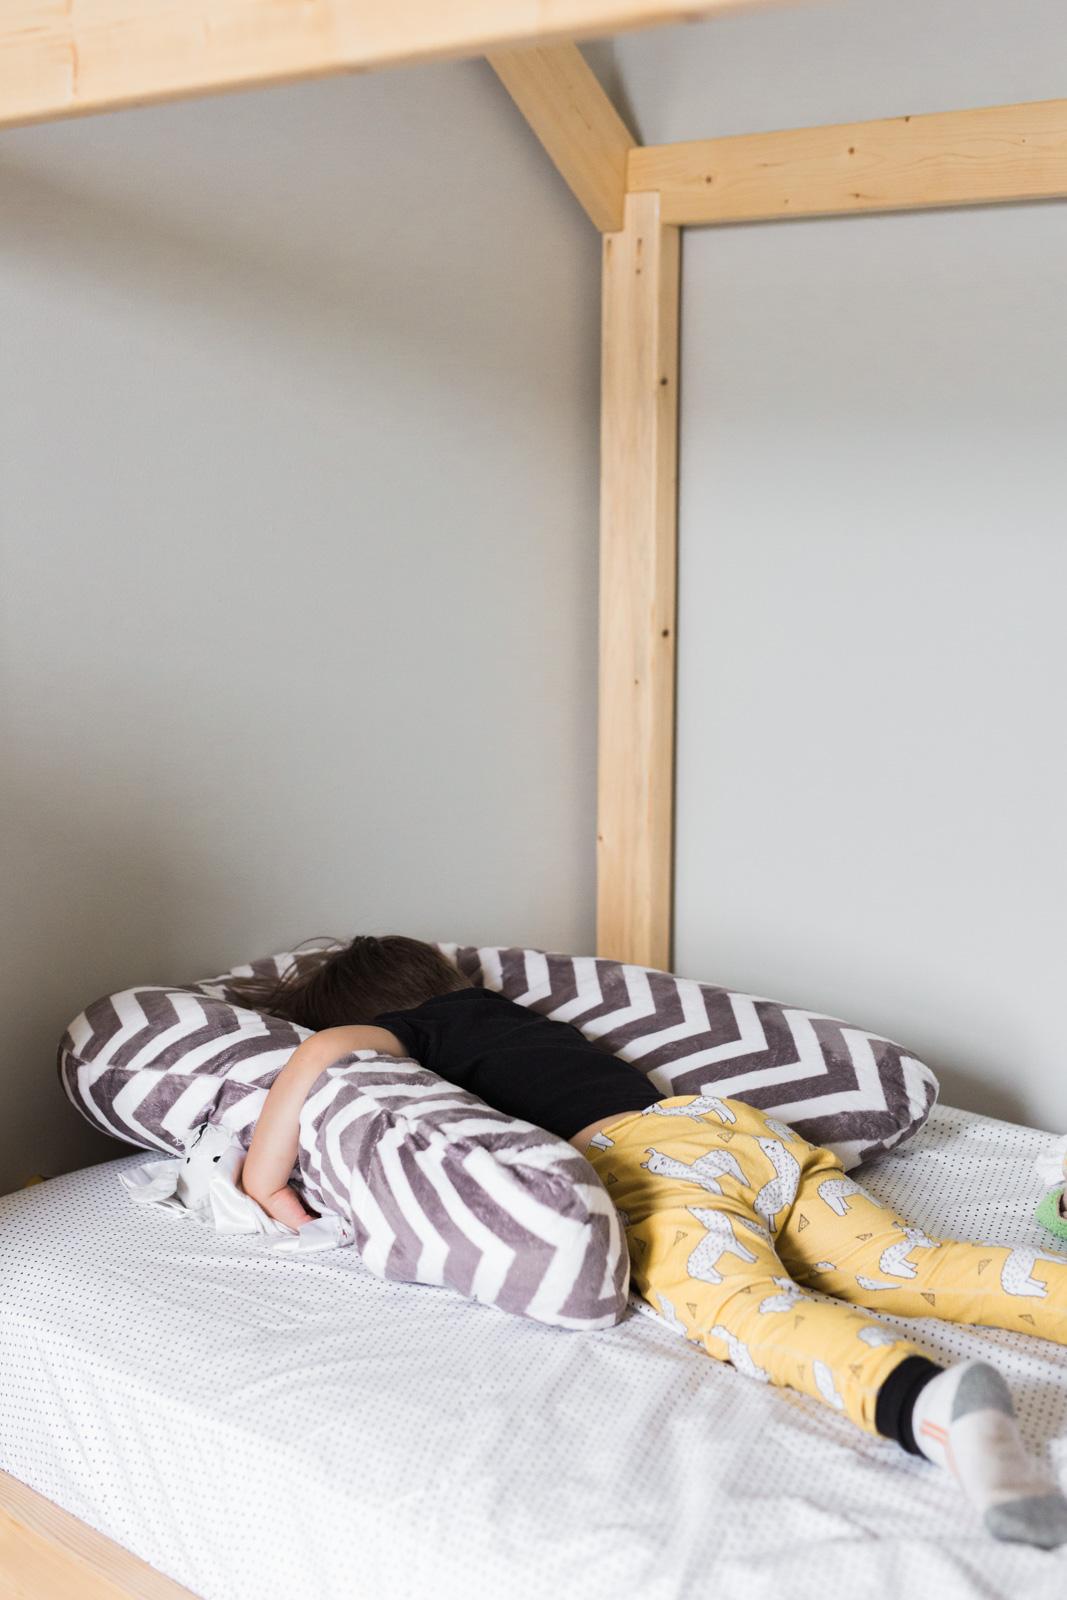 sleep-zzz-pillow-review-10